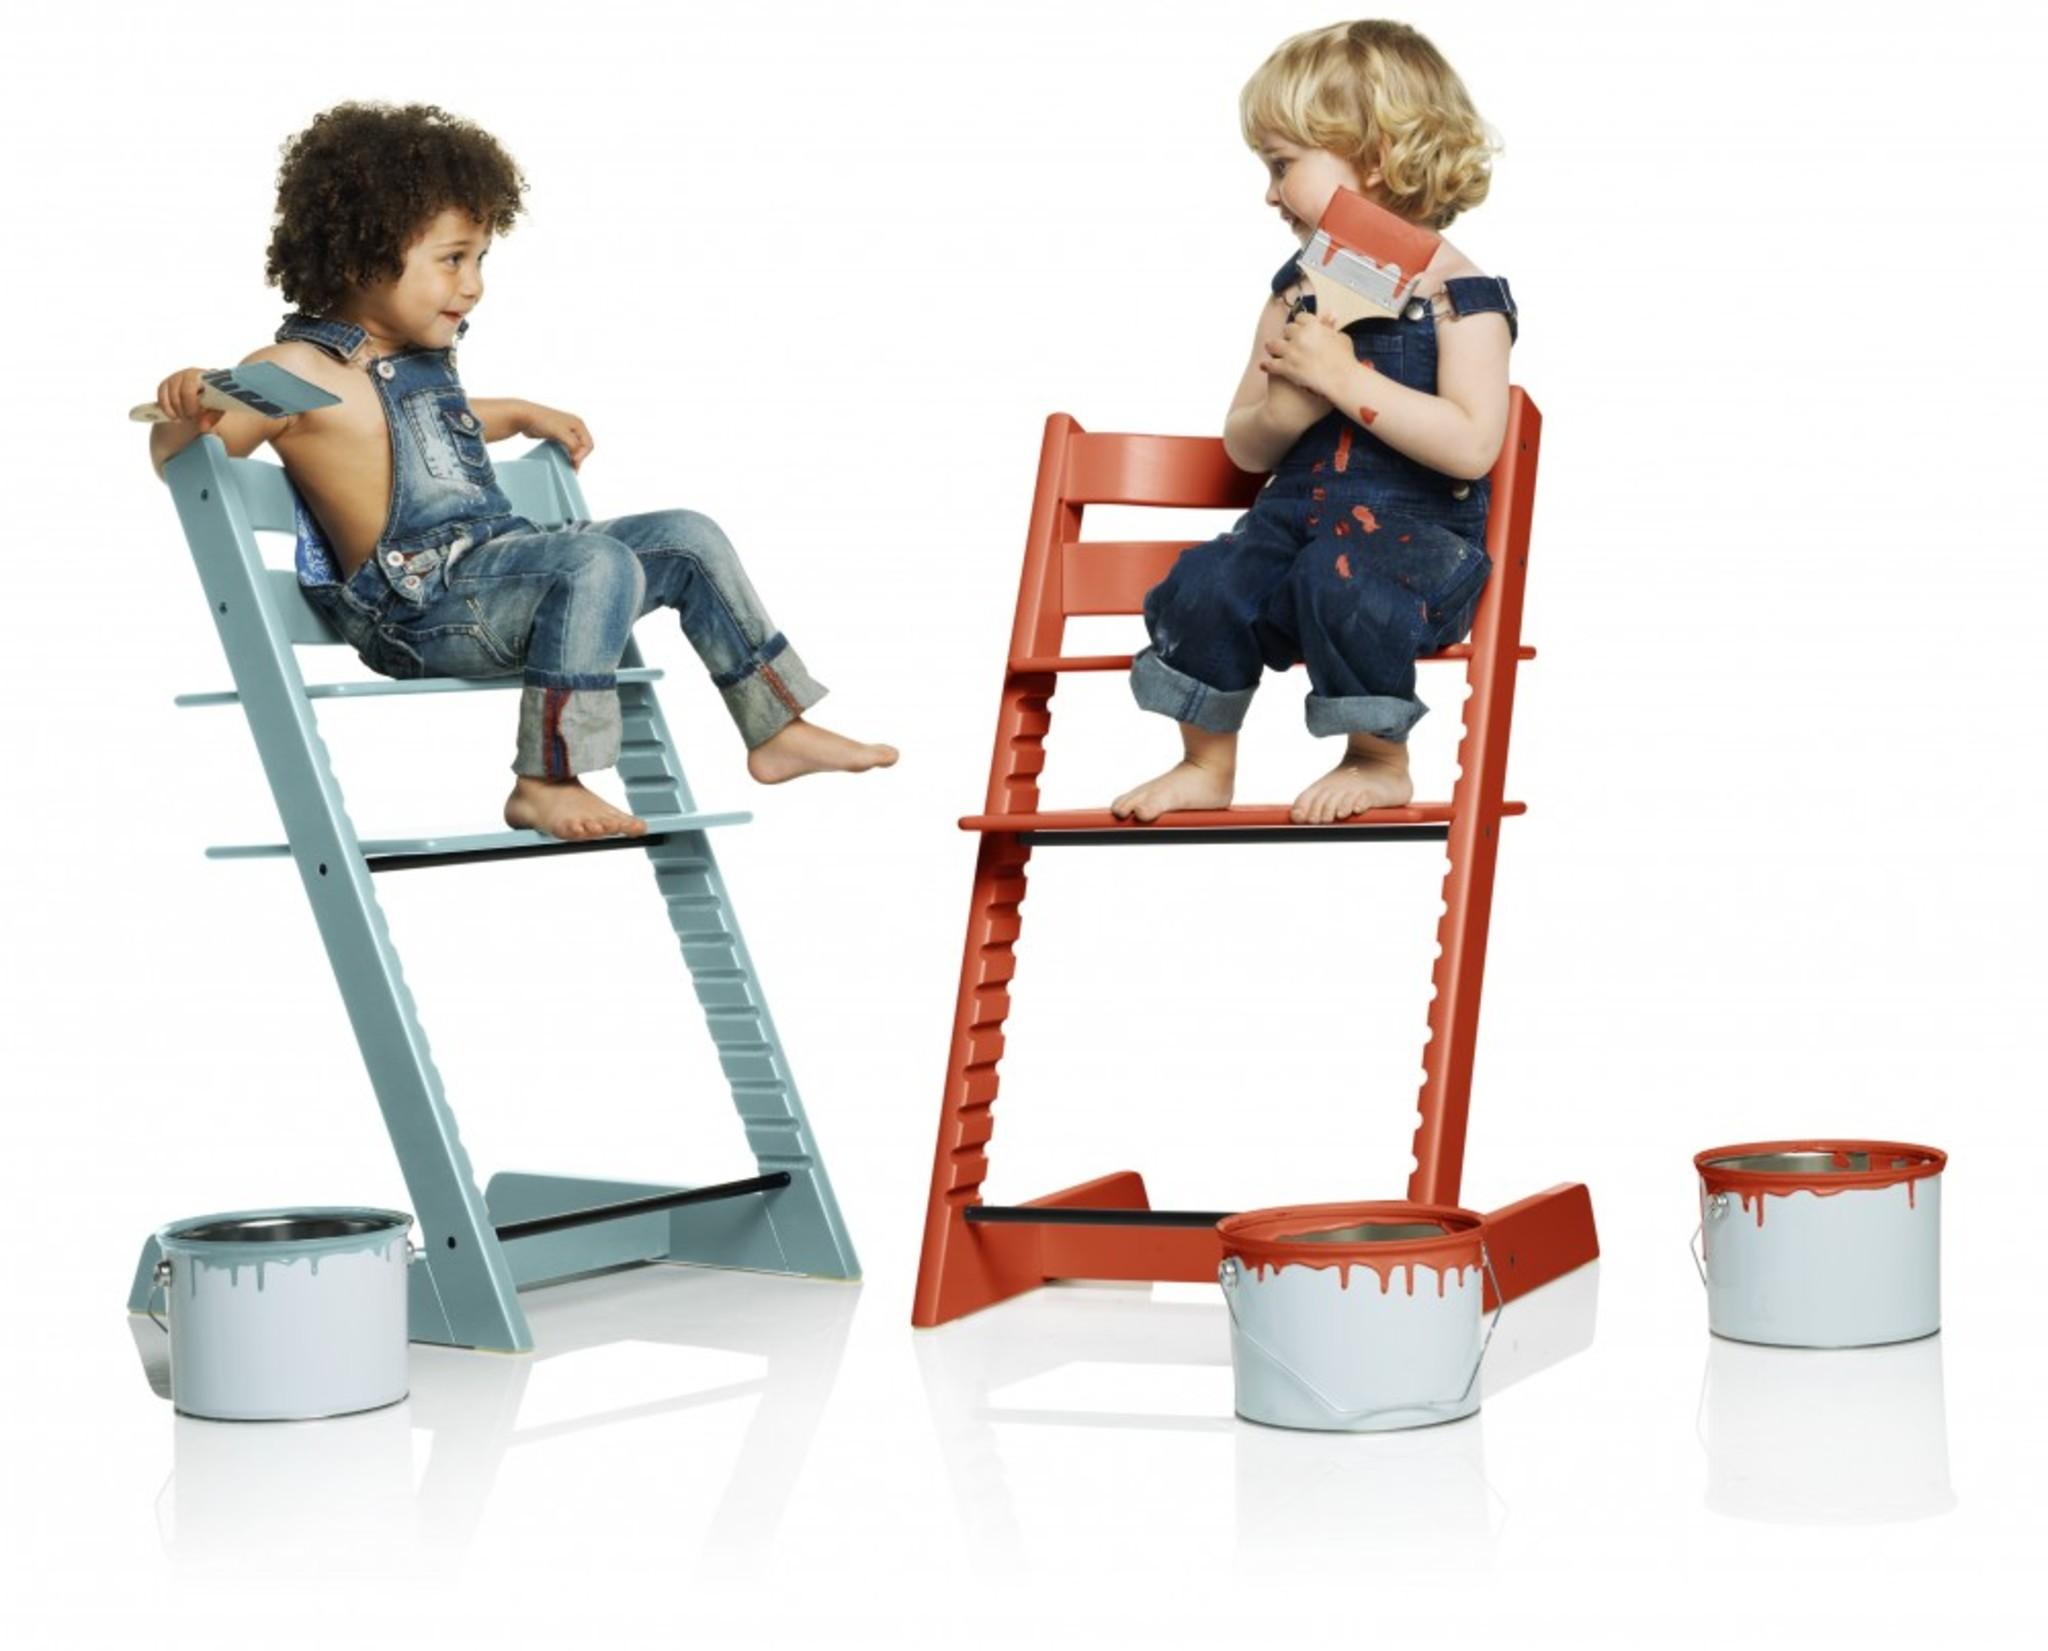 Tripp Trapp with children 1271858 B